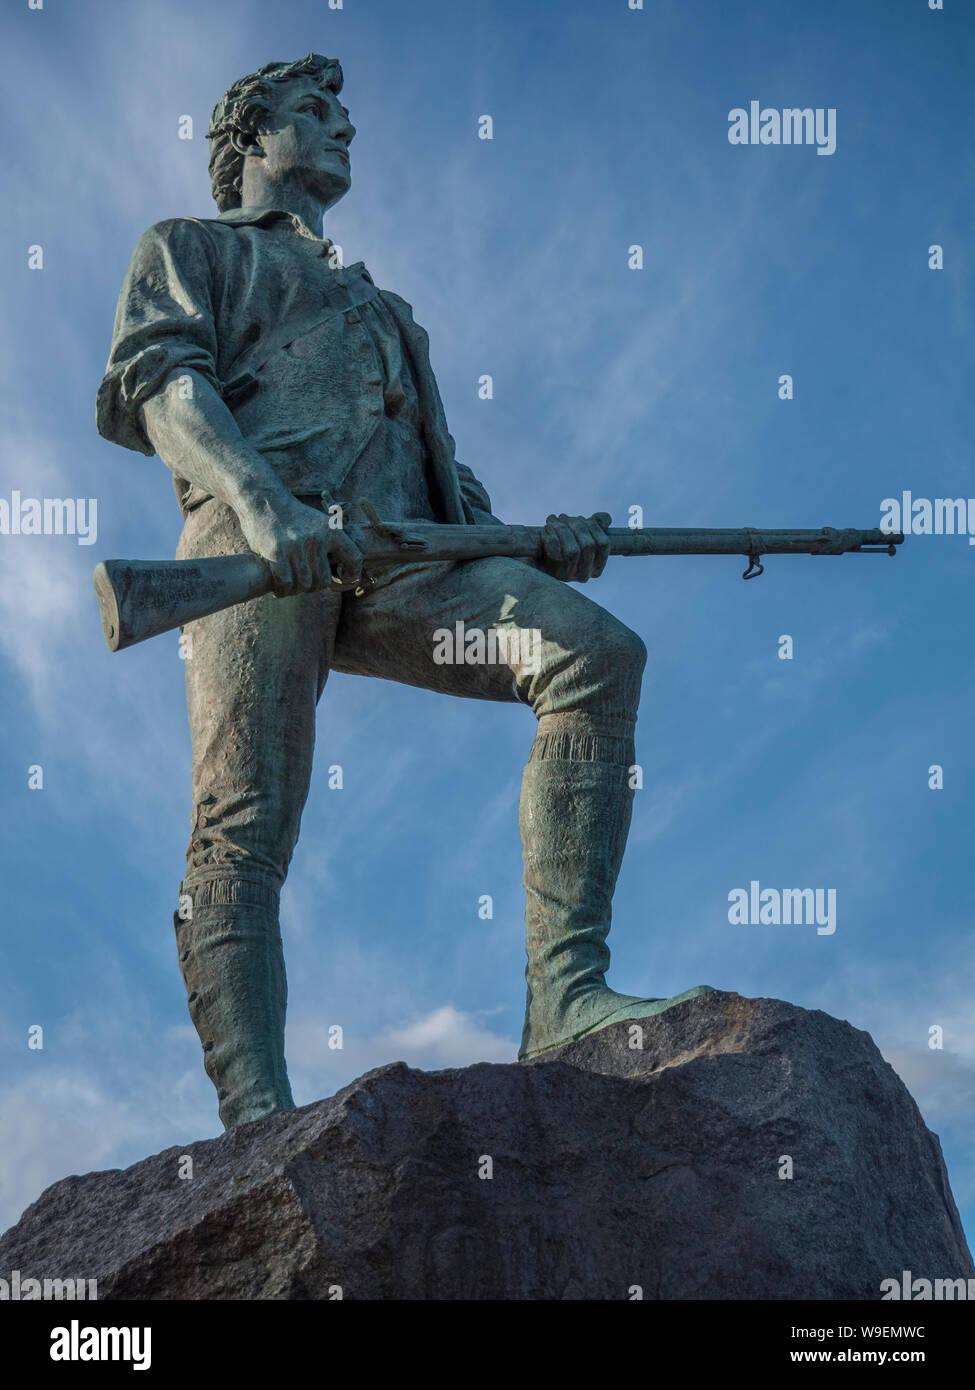 El Minuteman estatua inaugurada el 19 de abril de 1900, el 125º aniversario de la batalla Foto de stock